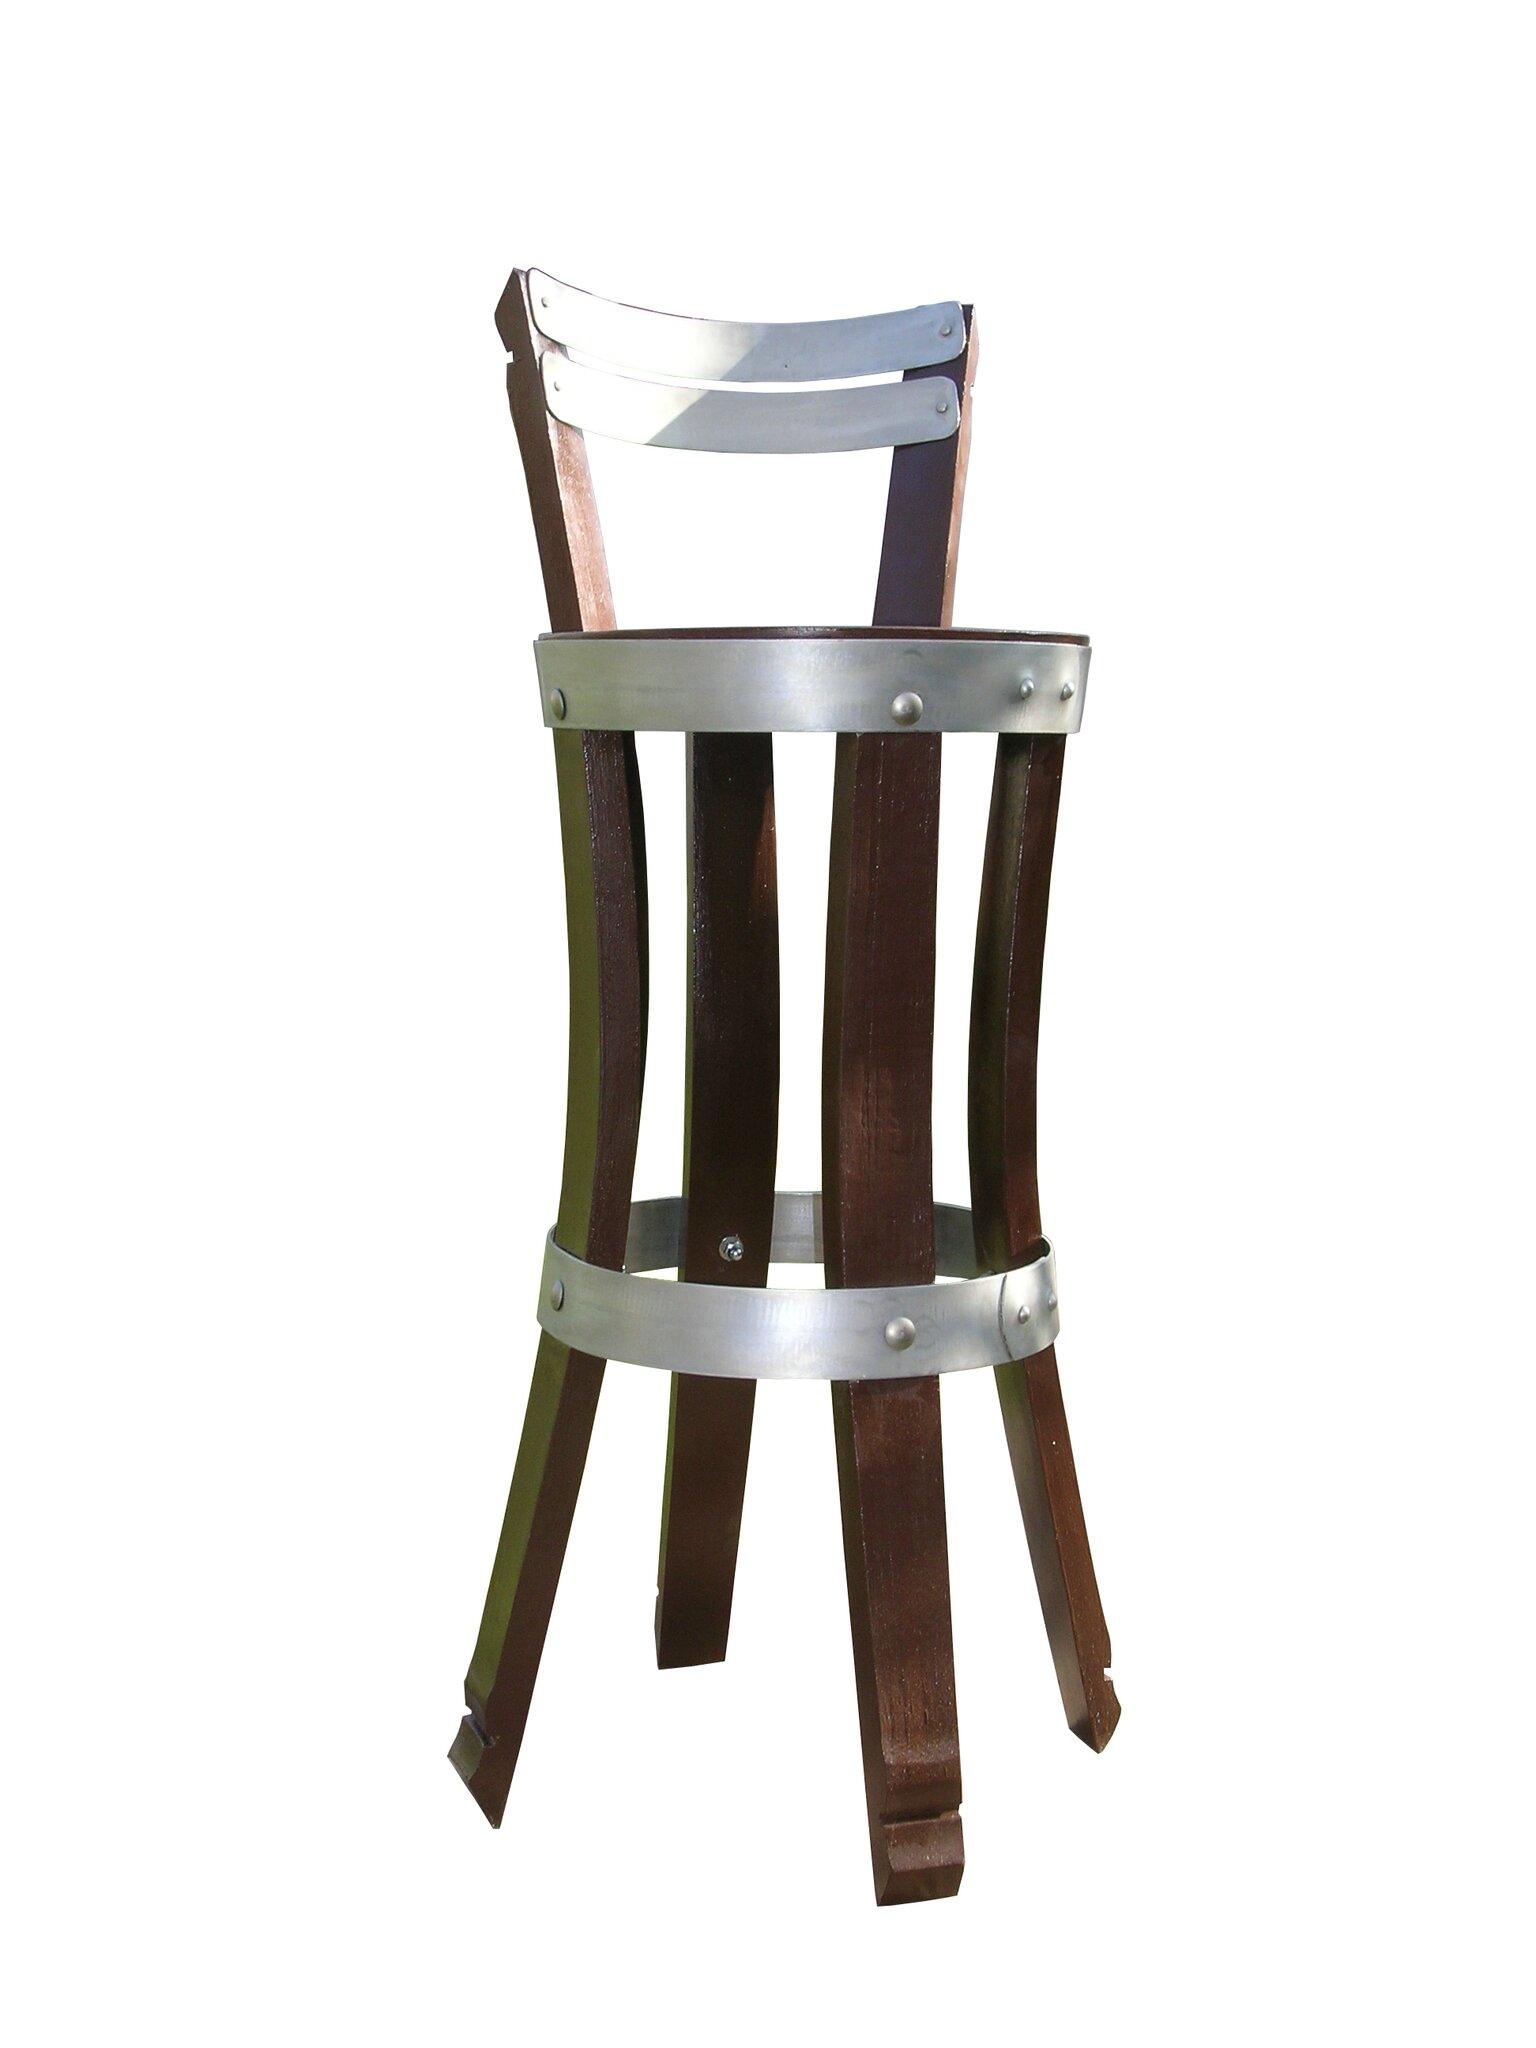 mobilier fabriqu avec des tonneaux meuble en tonneau meuble en barrique mobilier en barrique. Black Bedroom Furniture Sets. Home Design Ideas